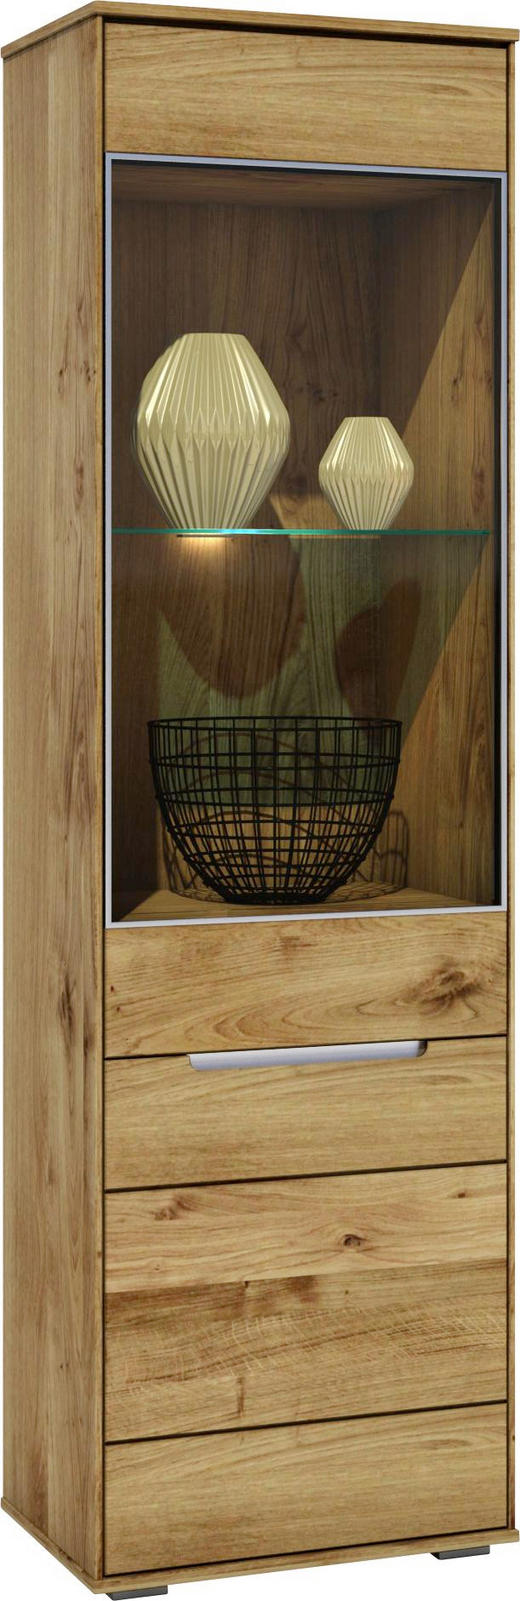 VITRINE Wildeiche massiv Eichefarben - Eichefarben, LIFESTYLE, Glas/Holz (60/203/42cm) - Carryhome